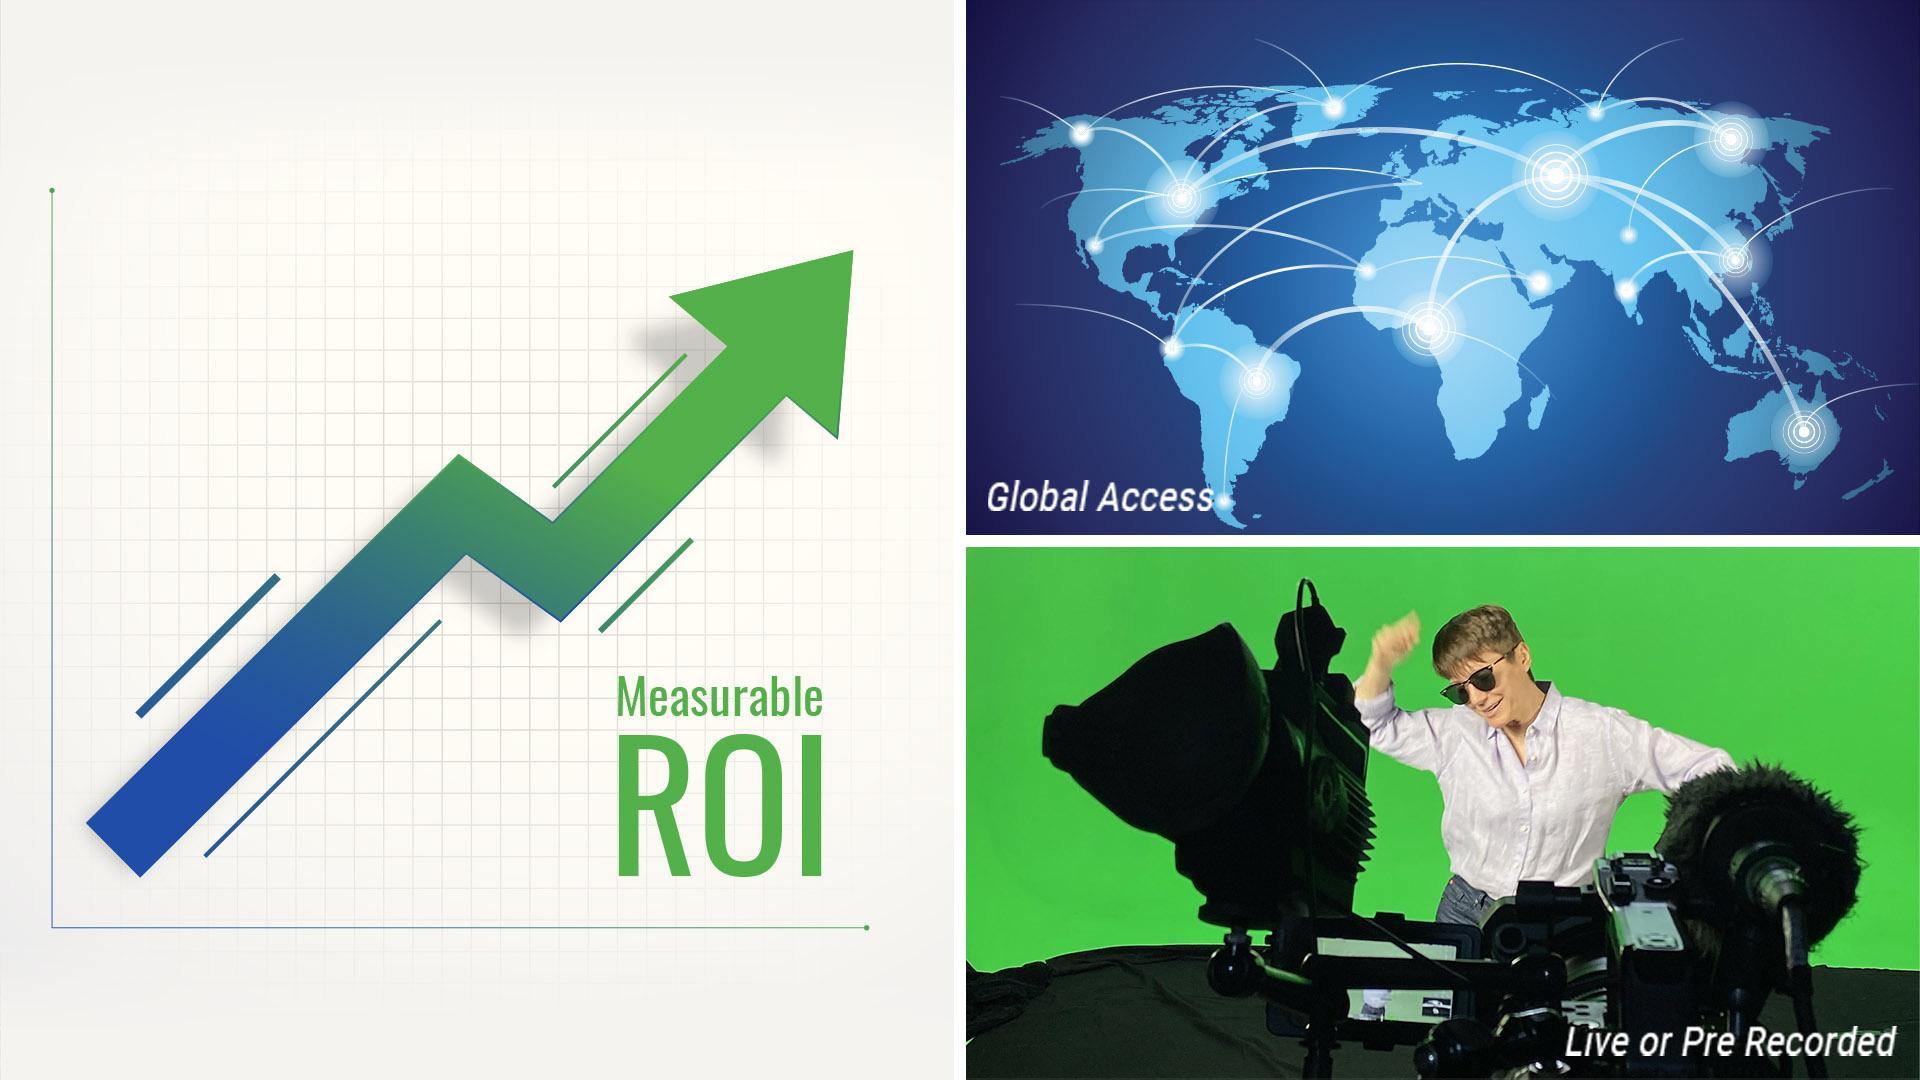 Alive TV - Measurable ROI